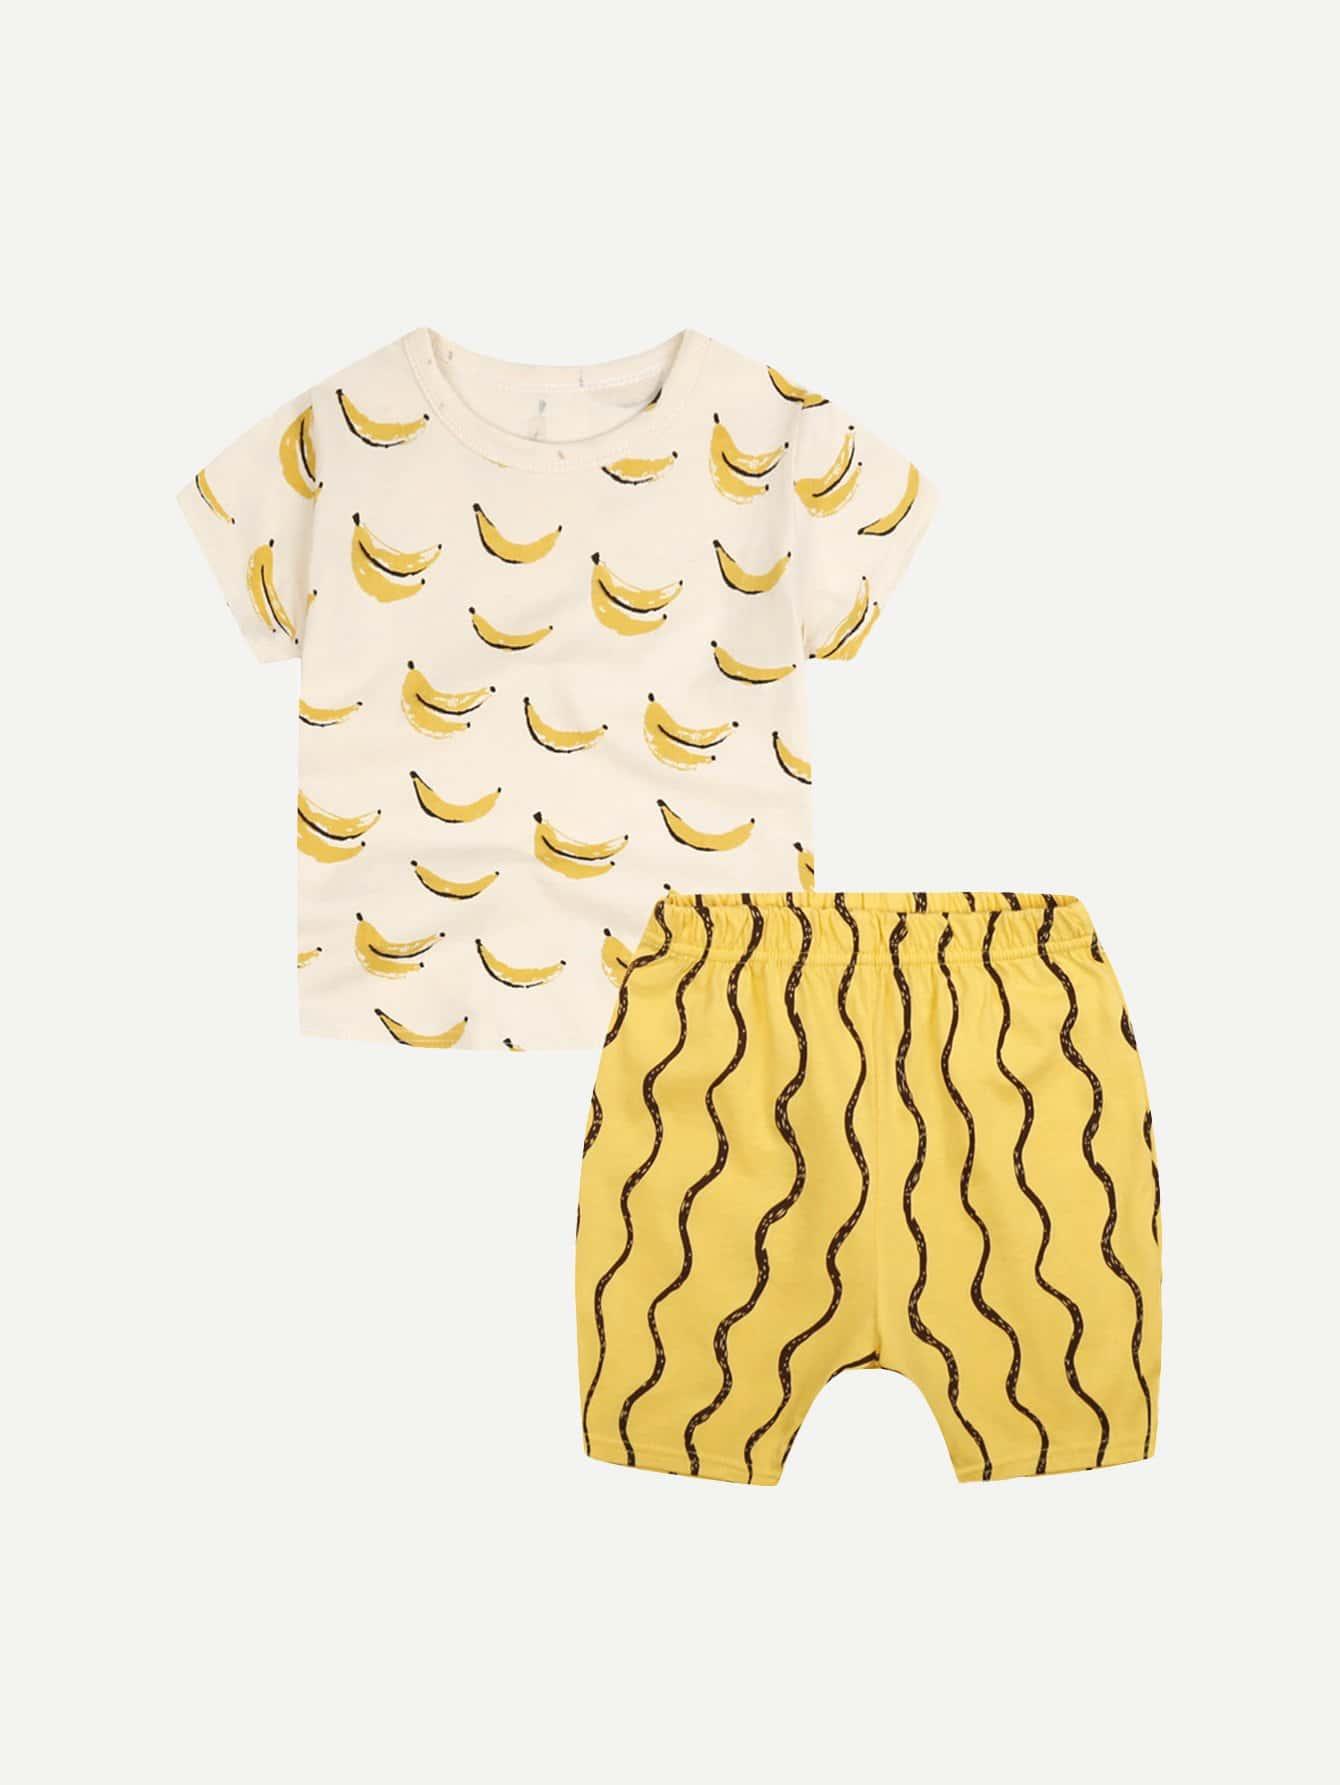 Купить Ткань для детей Banana Print с полосатыми шортами, null, SheIn